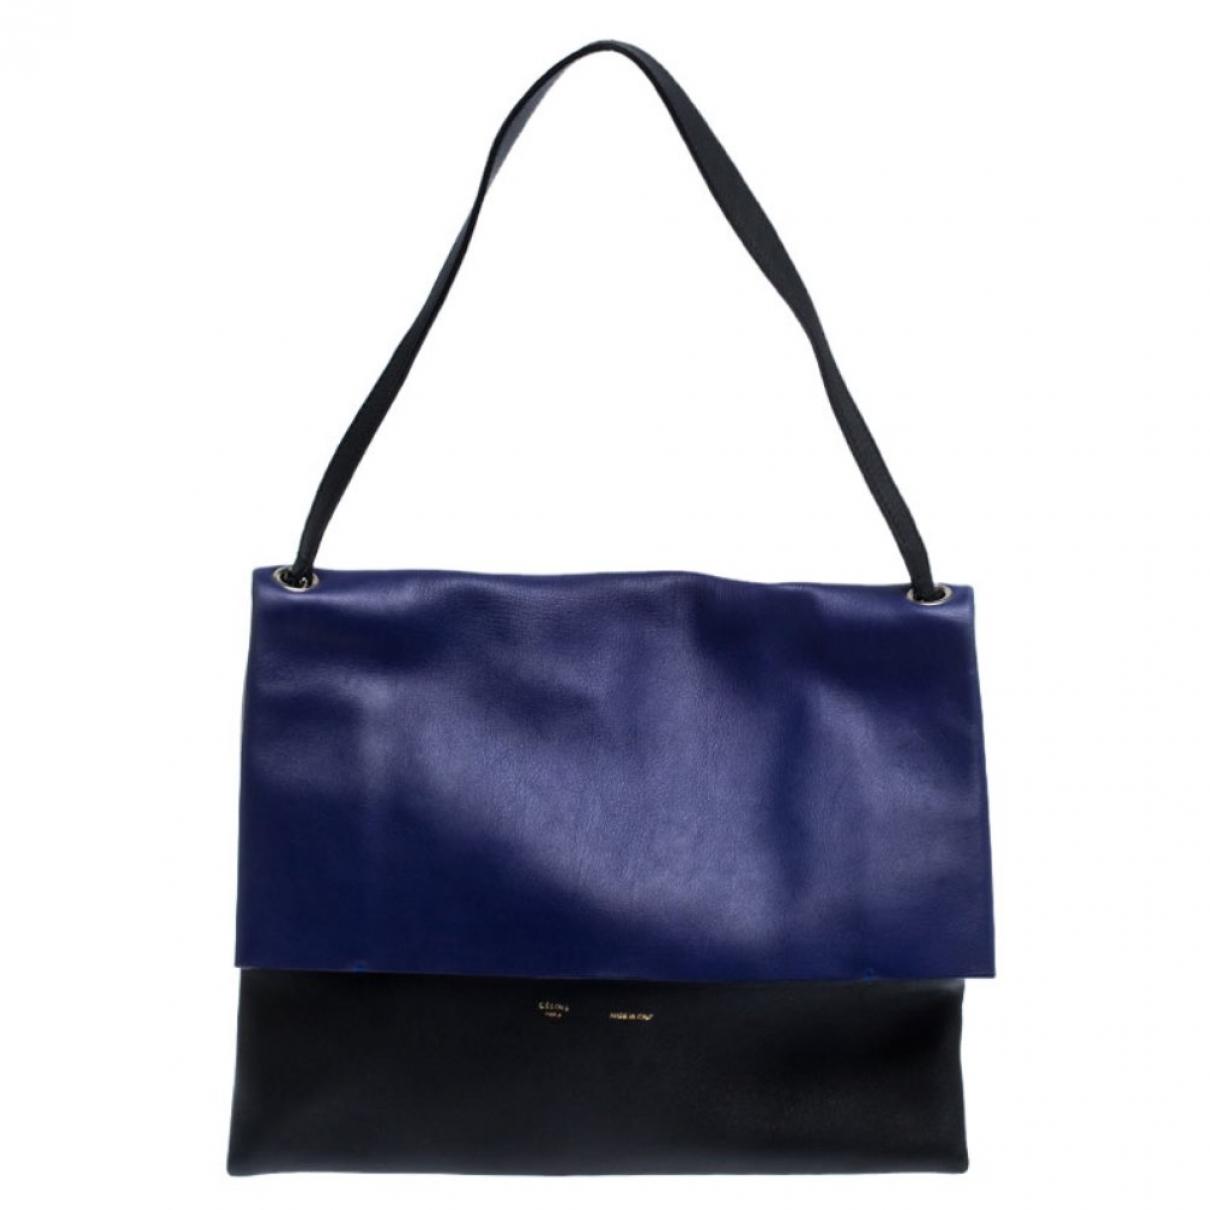 Celine All Soft Handtasche in Leder